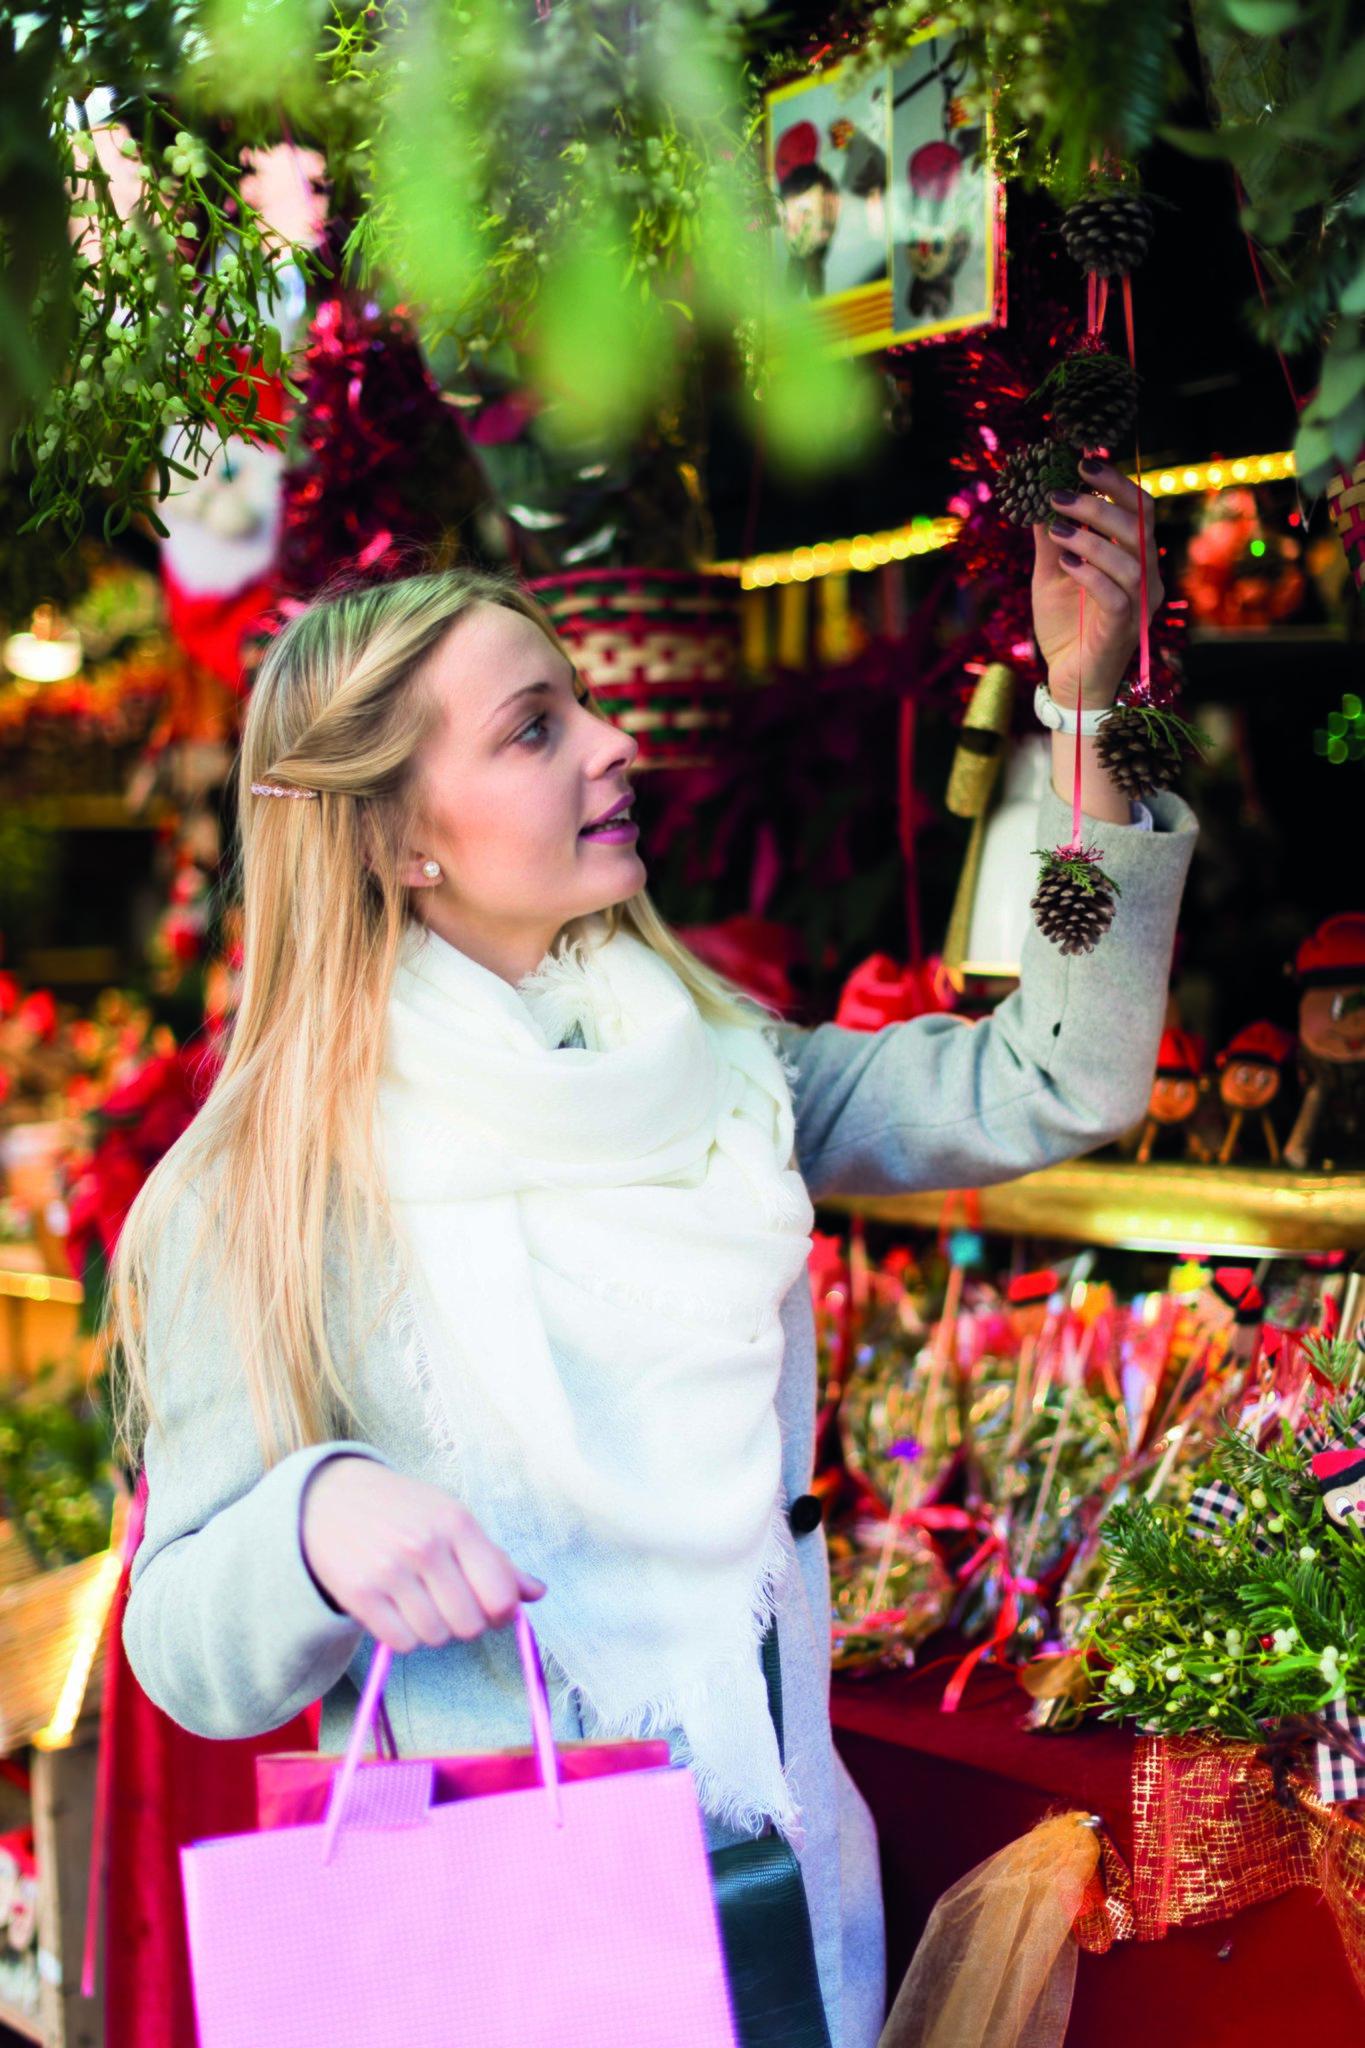 Kölle Weihnachtsdeko.Zeit Für Weihnachtszauber Erlebnis Shopping Bei Pflanzen Kölle